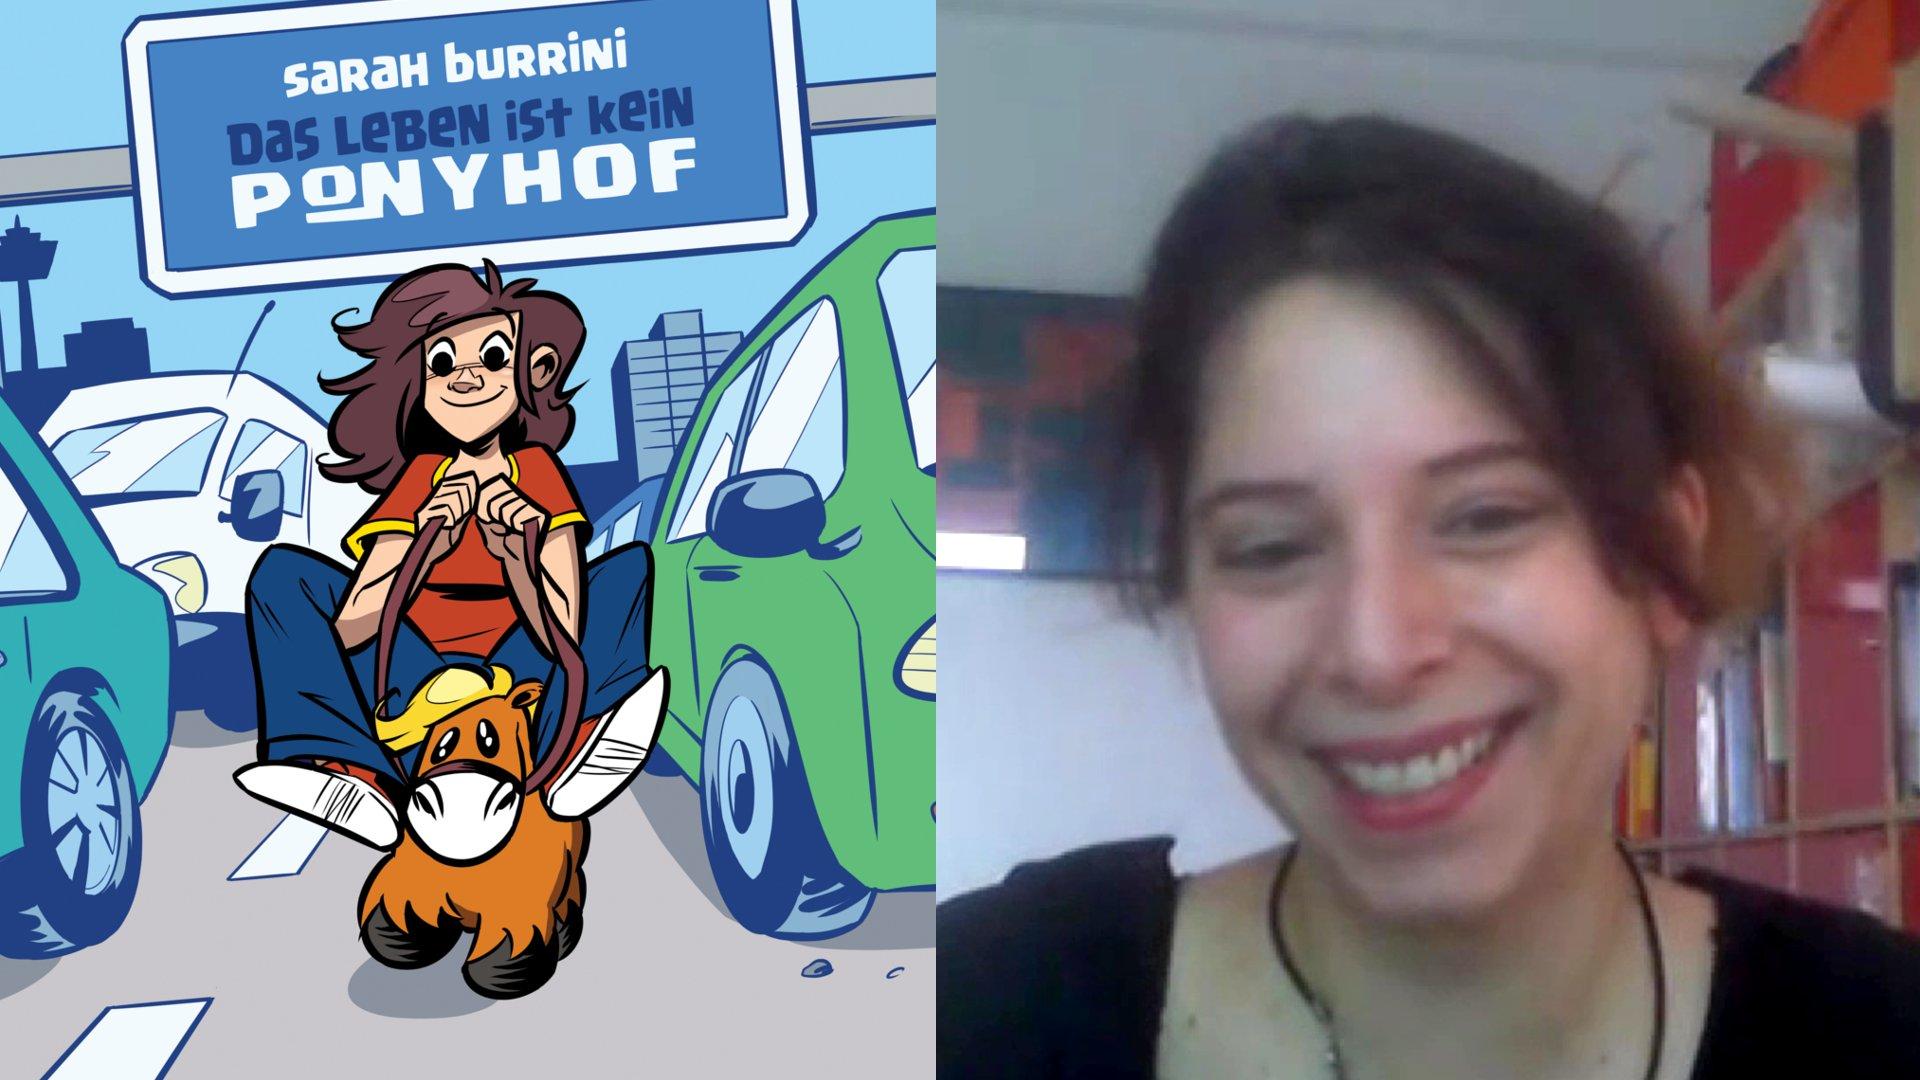 Deutsche Comics und Frauen in der Nerd-Kultur - Sarah Burrini im Interview